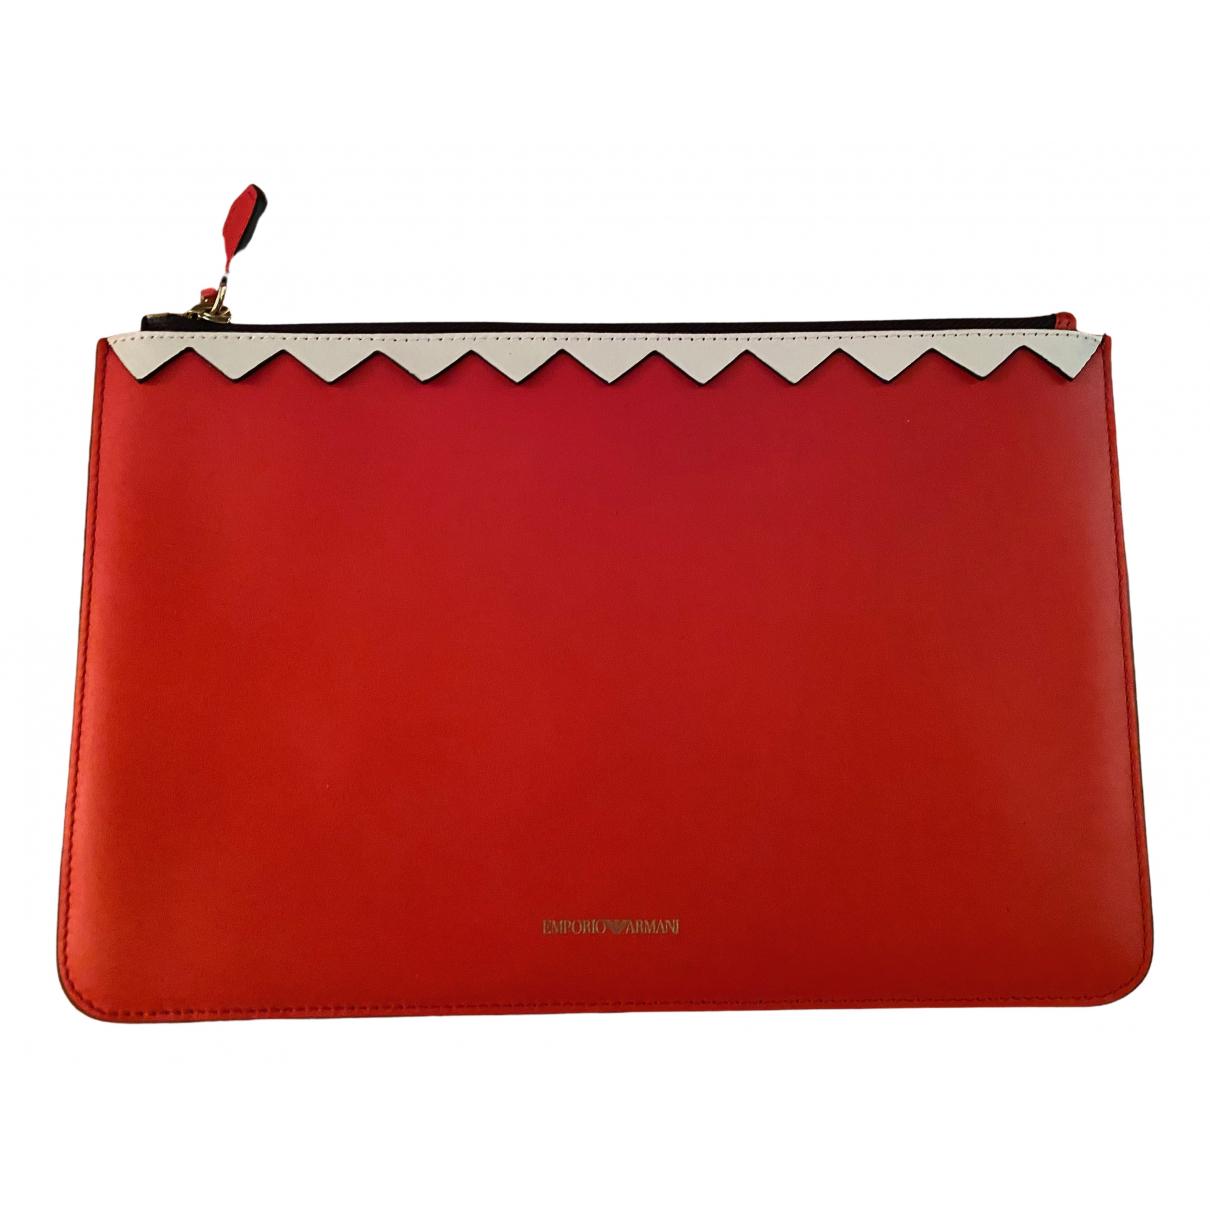 Emporio Armani \N Clutch in  Rot Leder